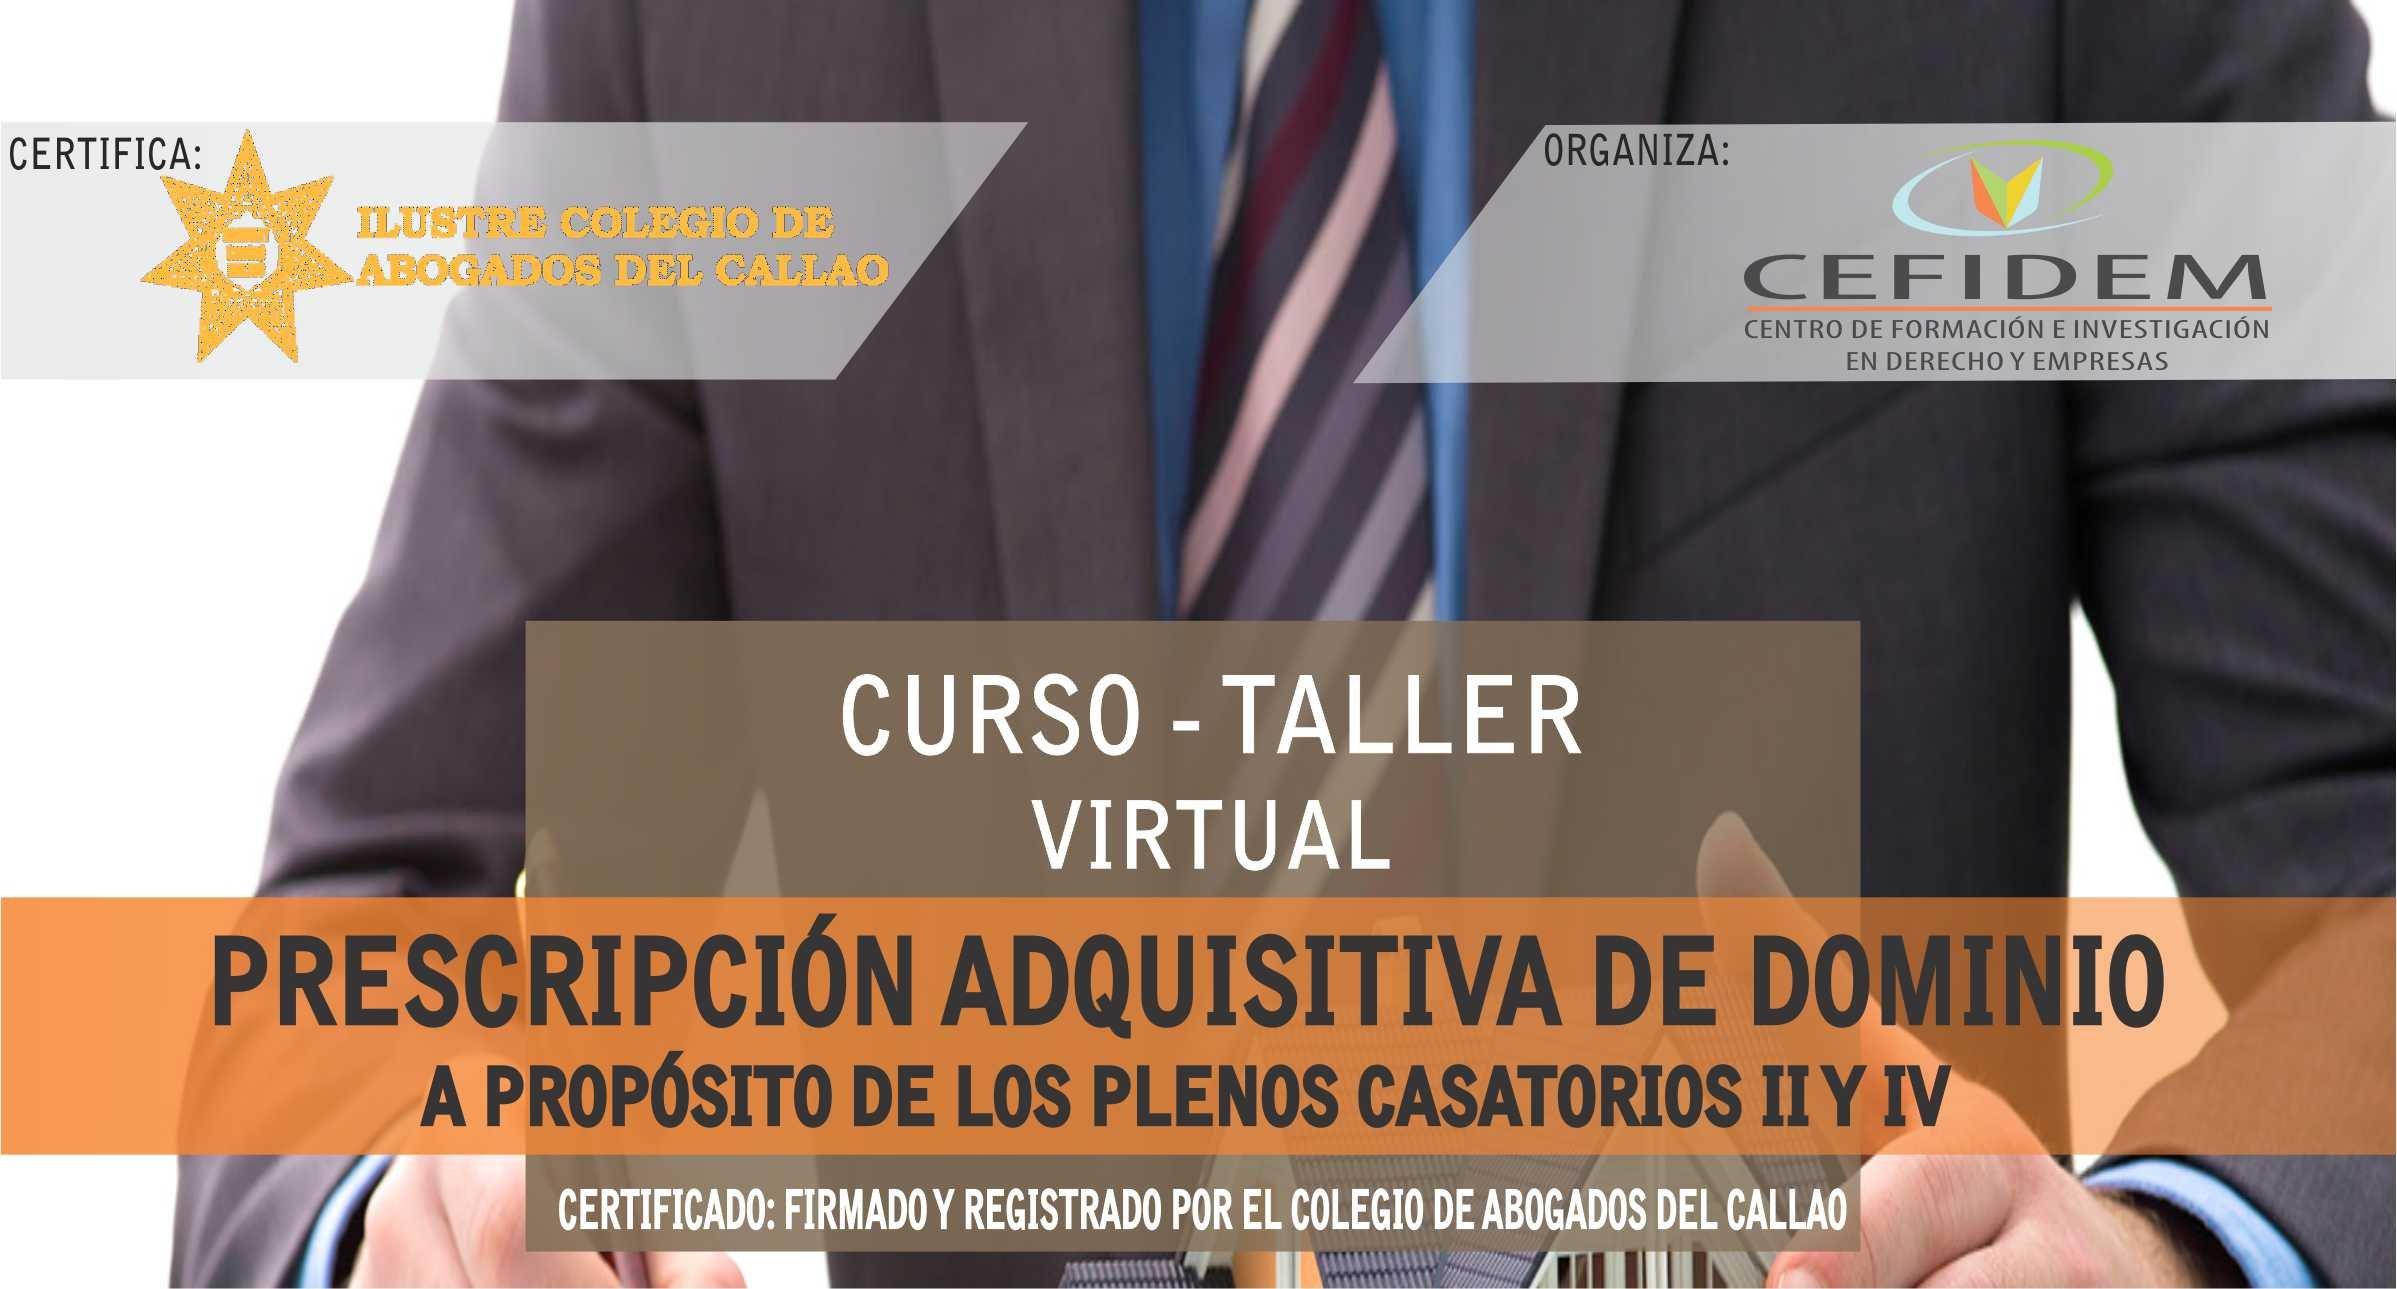 PRESCRIPCIÓN ADQUISITIVA DE DOMINIO (curso-taller virtual)